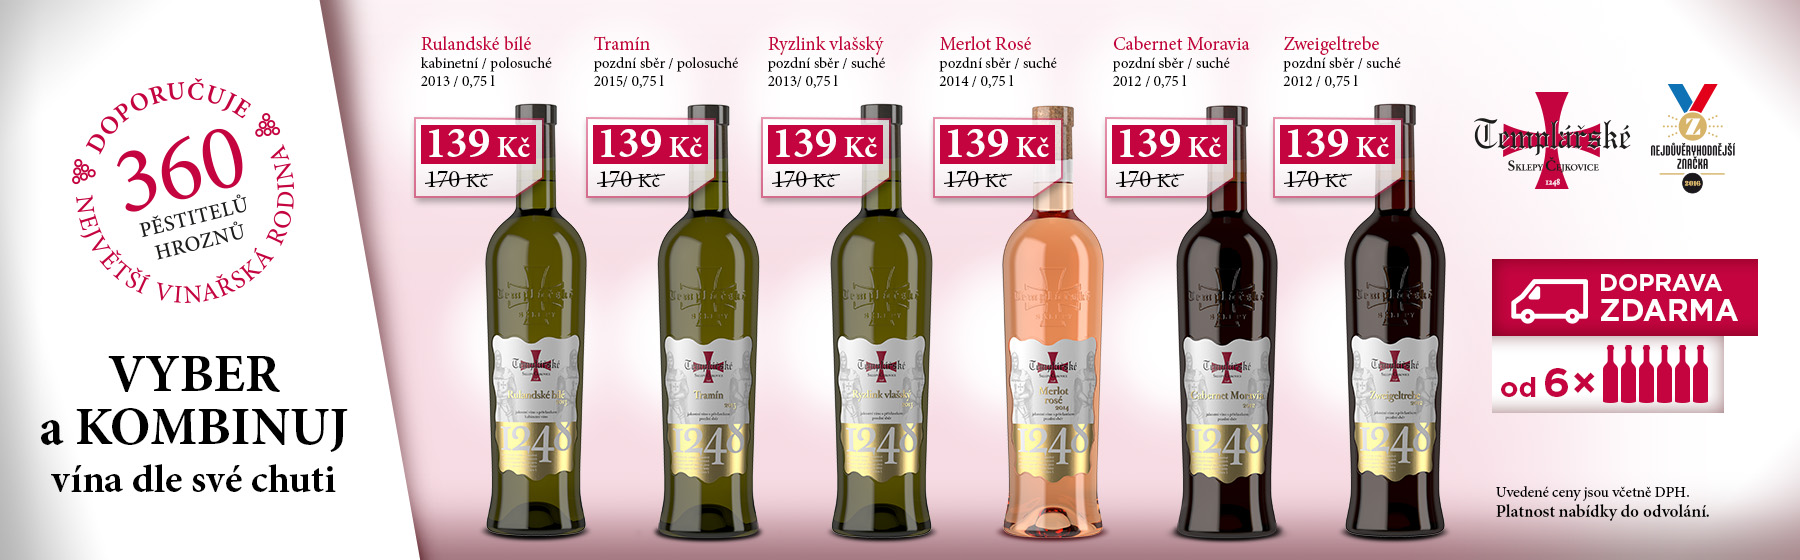 Vyber a kombinuj víno - vinařství Templářské vinné sklepy, kvalitní vína, eshop